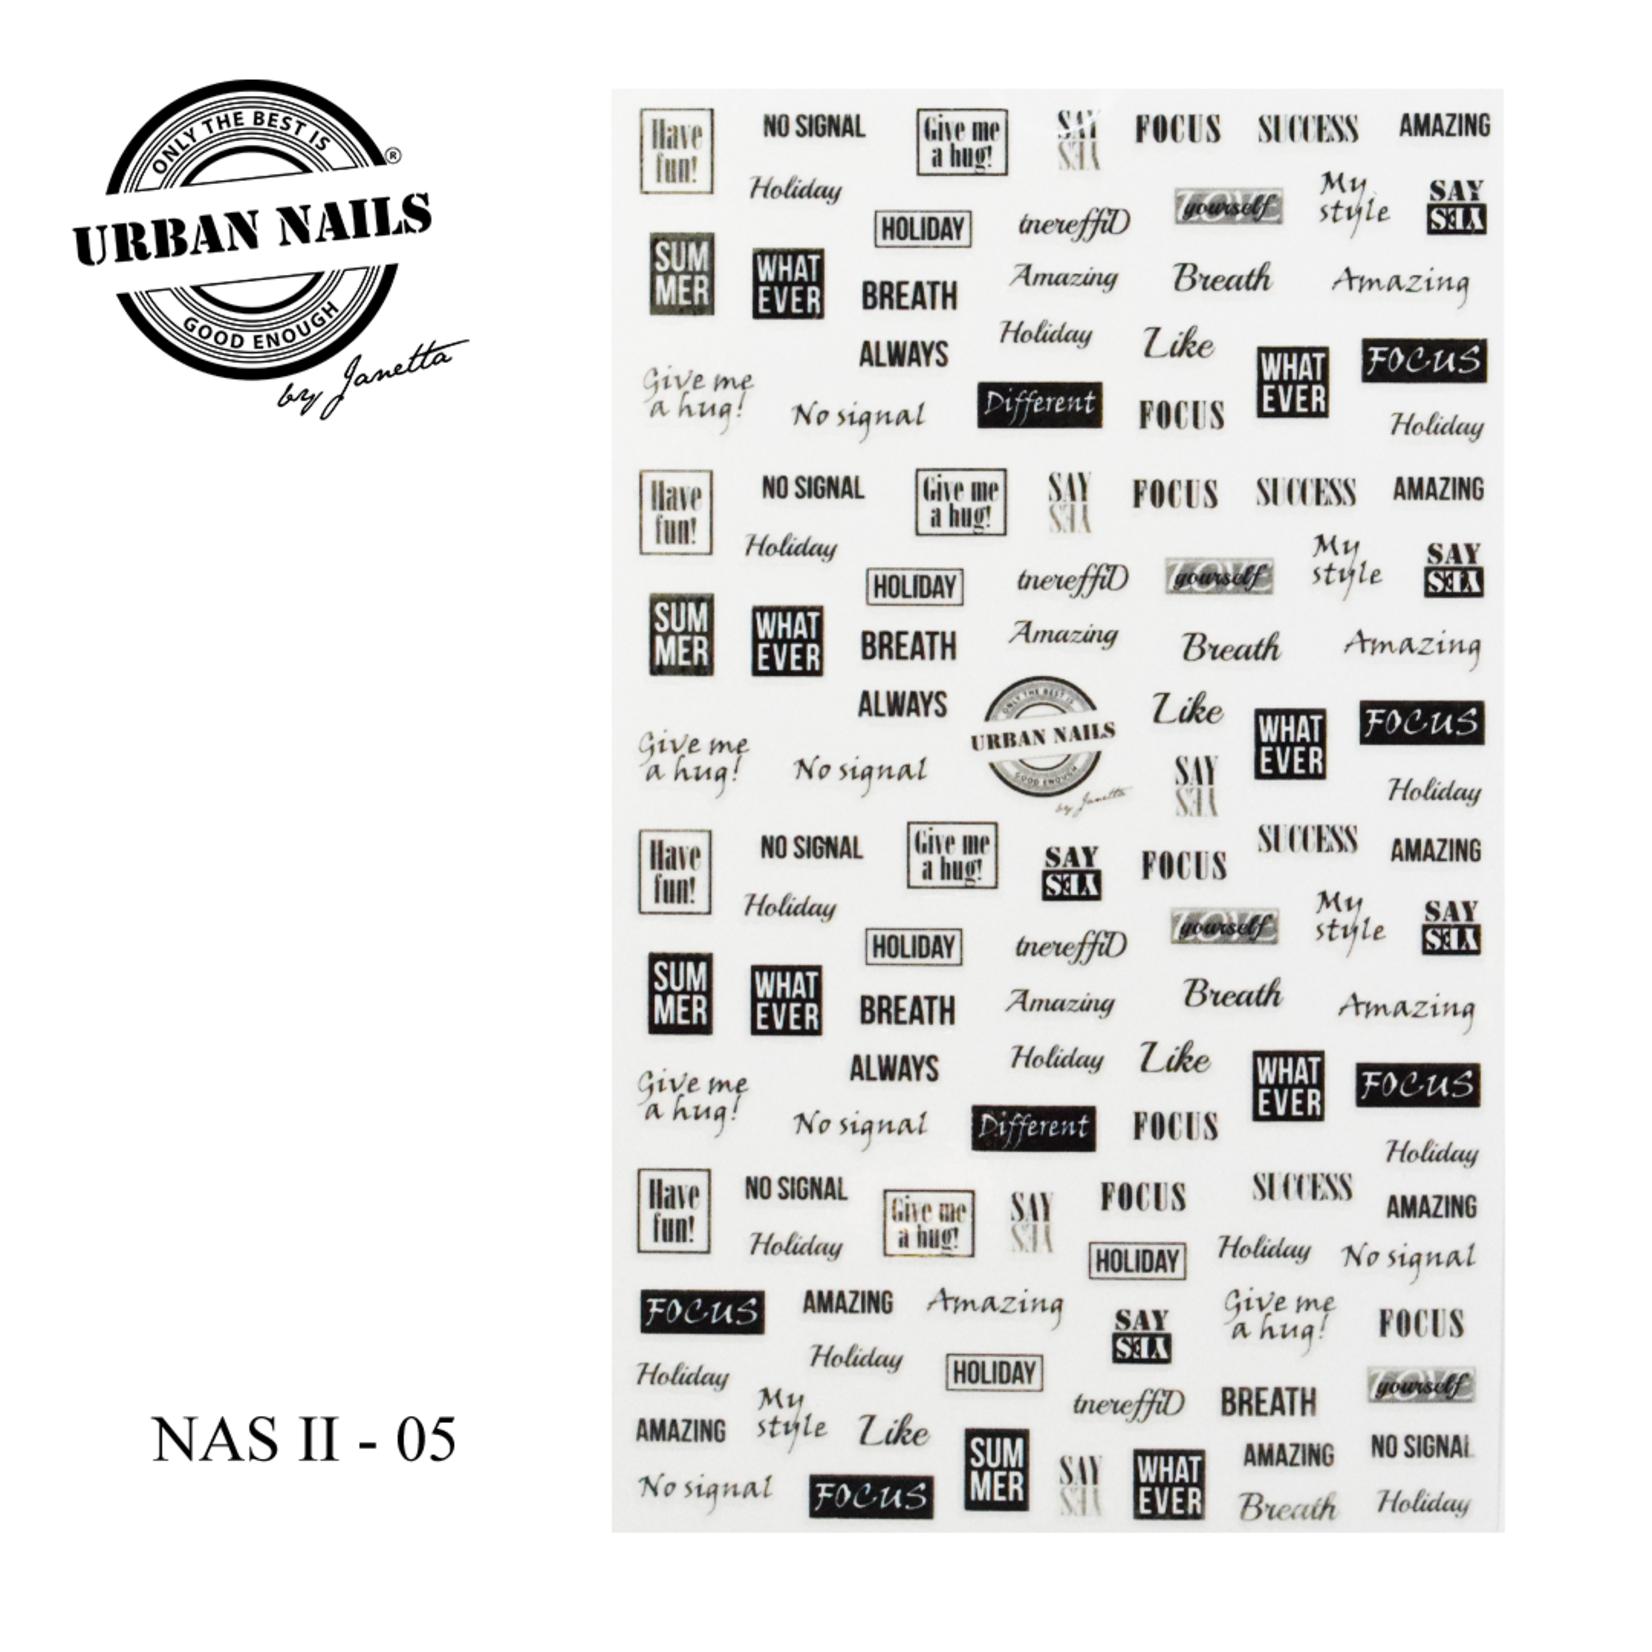 Urban Nails NAS 05